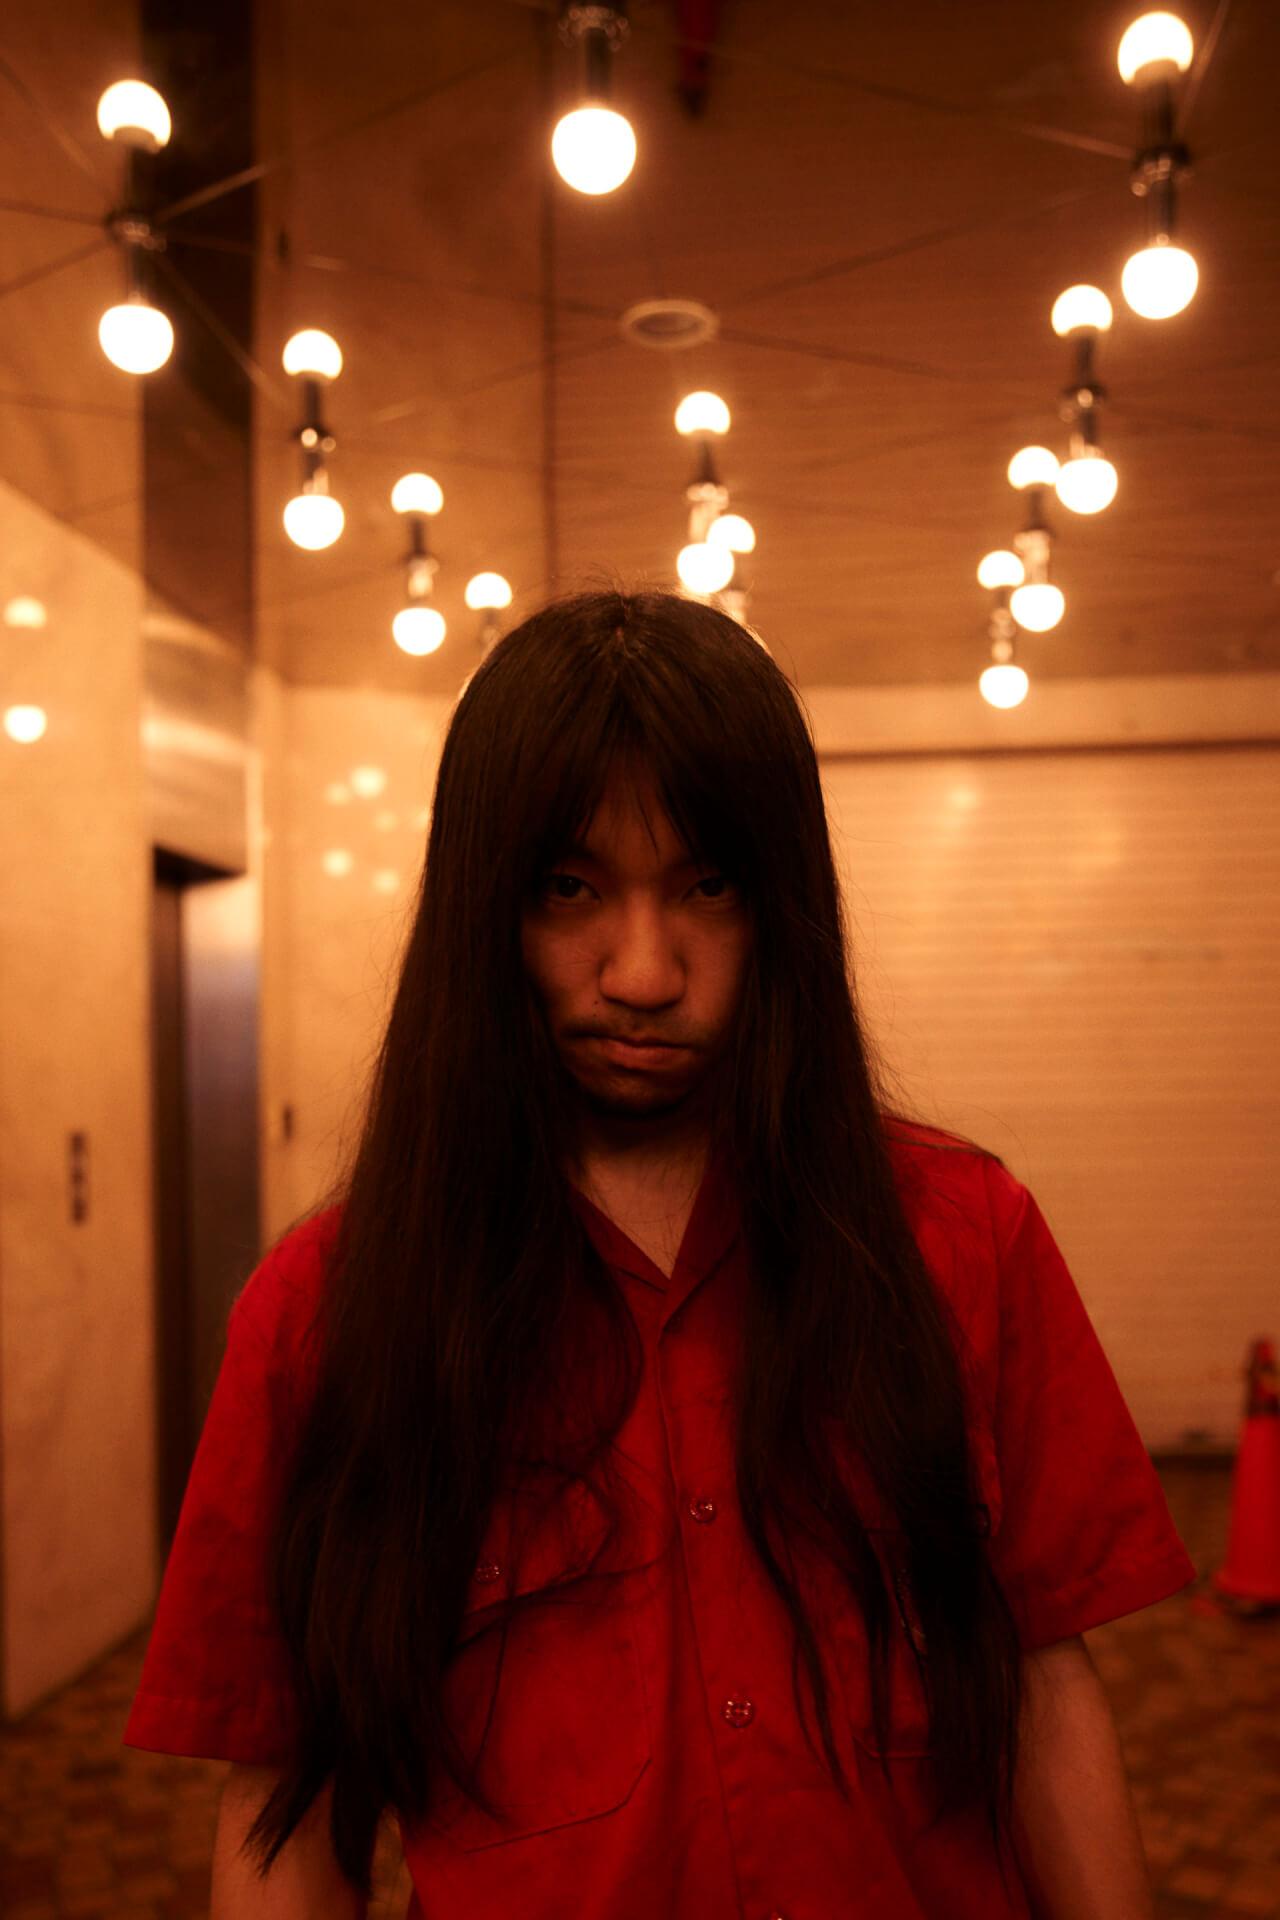 映画『Tribe Called Discord』GEZANマヒトと考える、これからの社会と生き方 interview-gezan-film-mahito-7